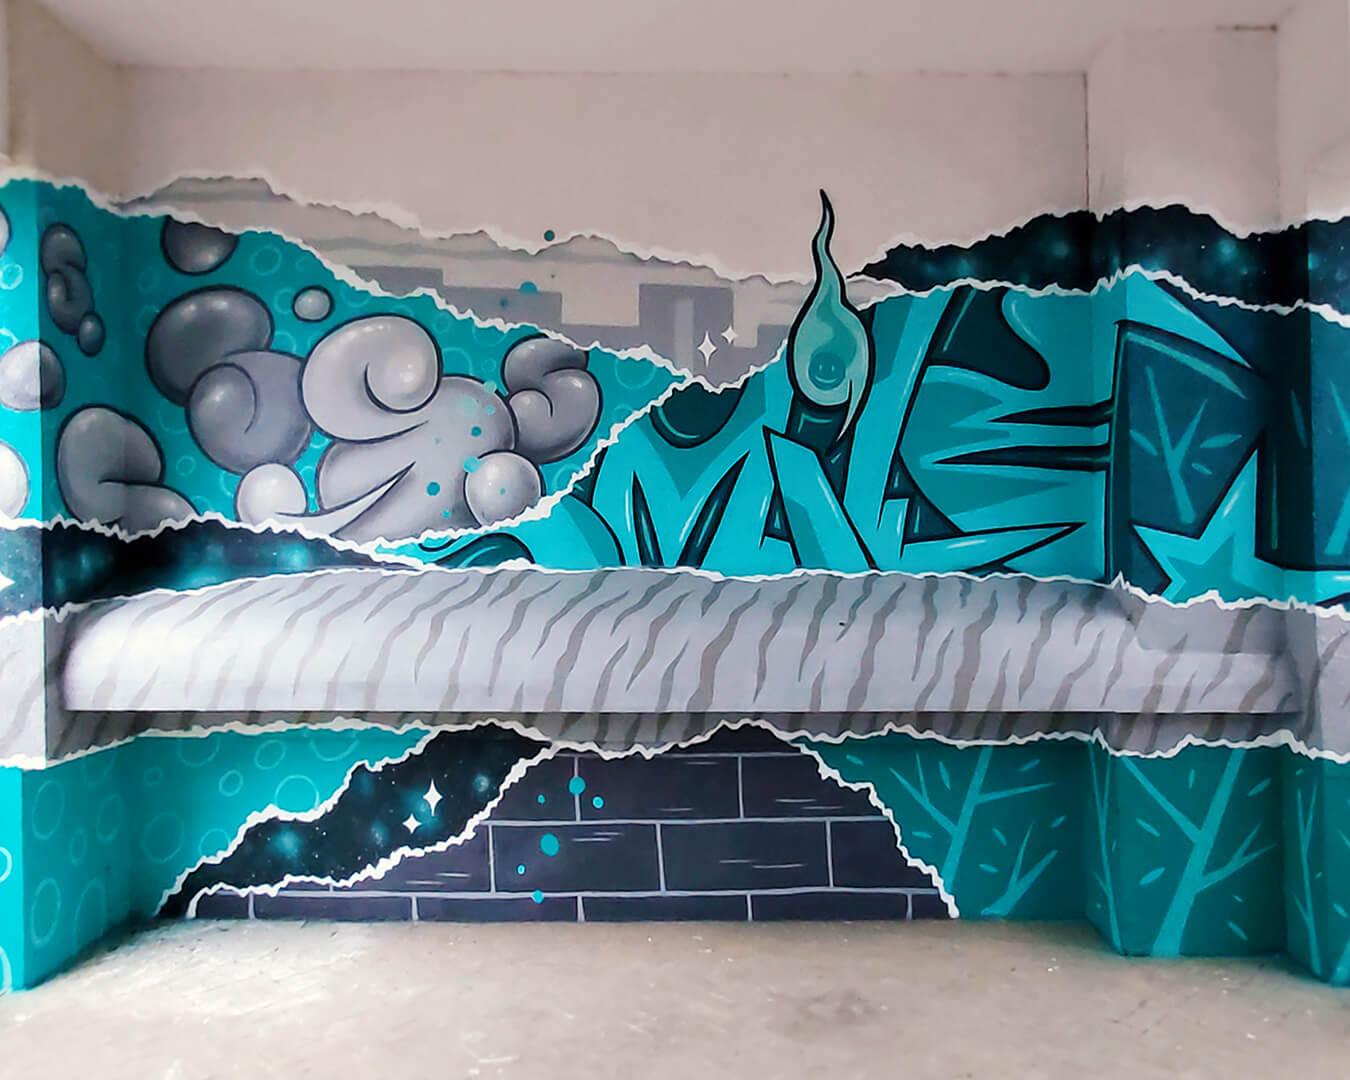 """Graffiti Hausdurchgang """"Stadt und Land"""" Berlin Hellersdorf türkise Wand mit Typografie und runden Formen"""